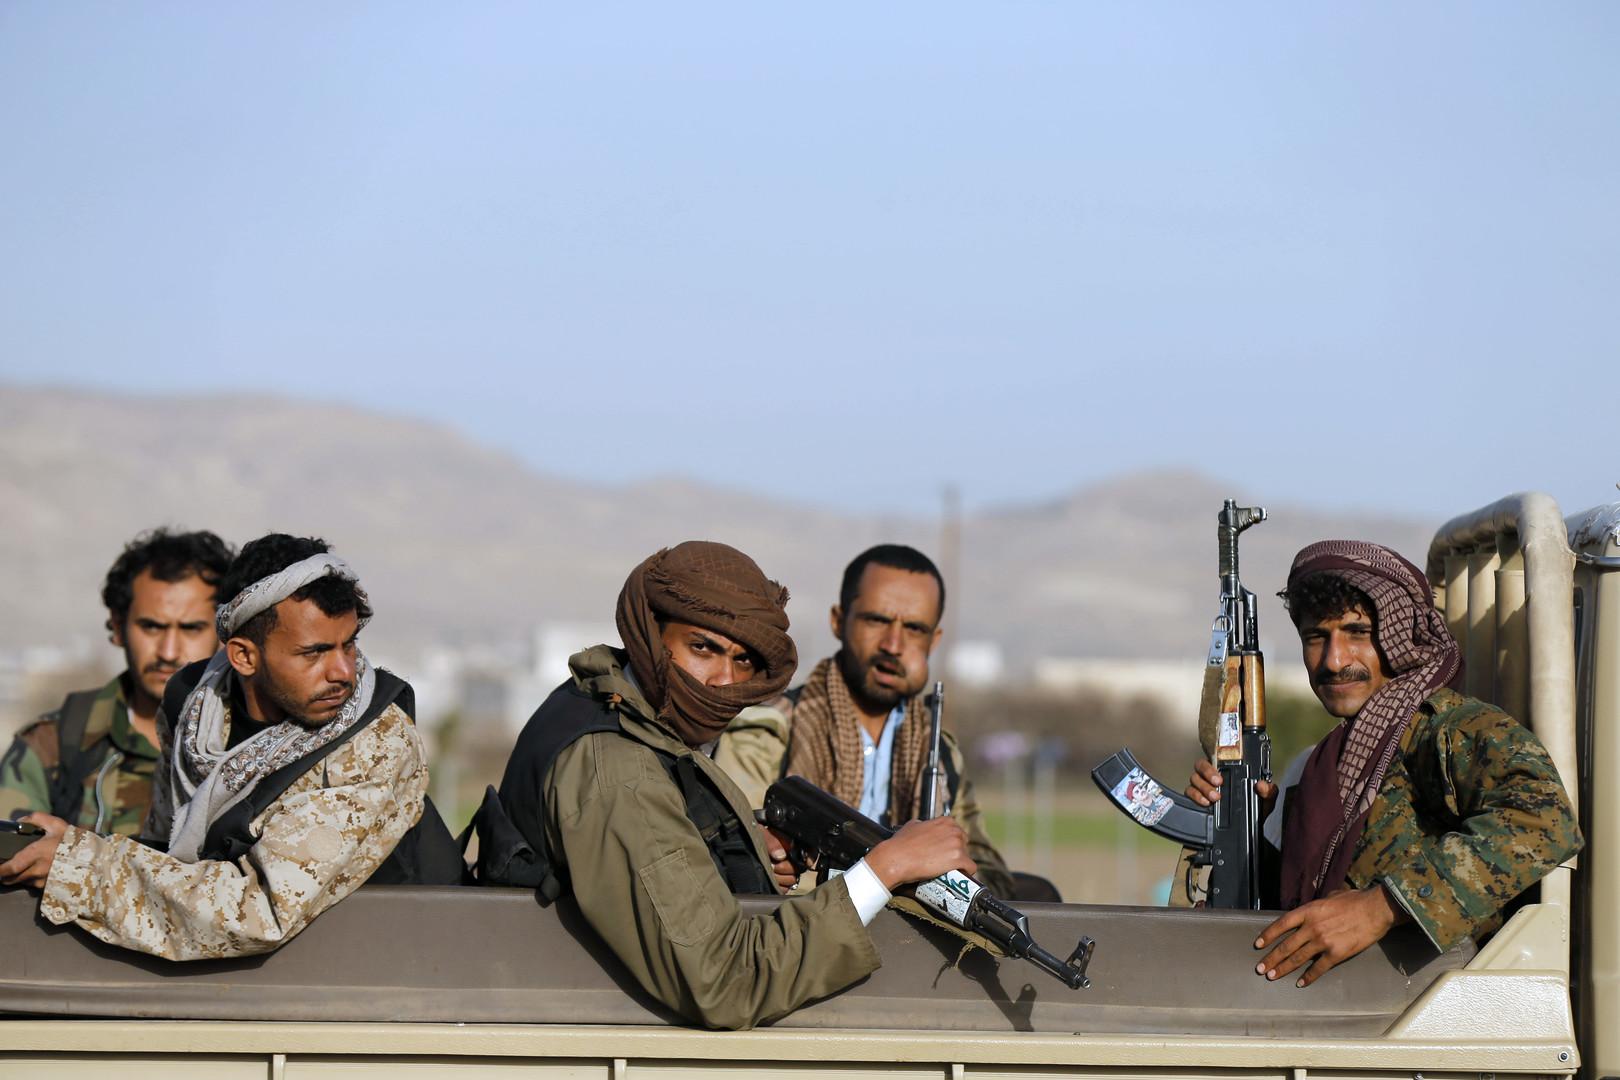 الأورومتوسطي يدعو للإفراج الفوري عن طالب فلسطيني محتجز لدى جماعة أنصار الله اليمنية